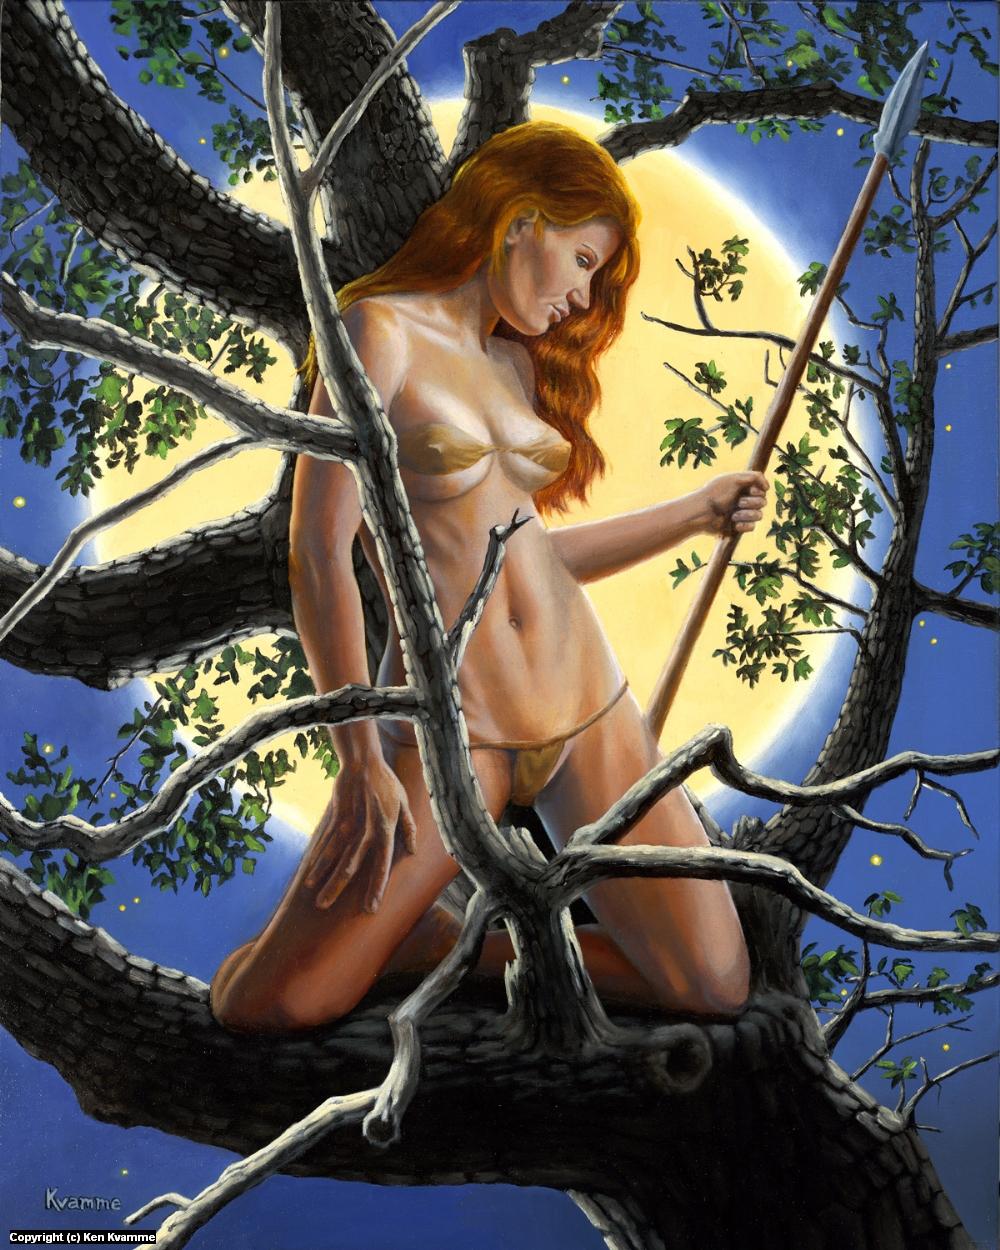 Jane Artwork by Ken Kvamme